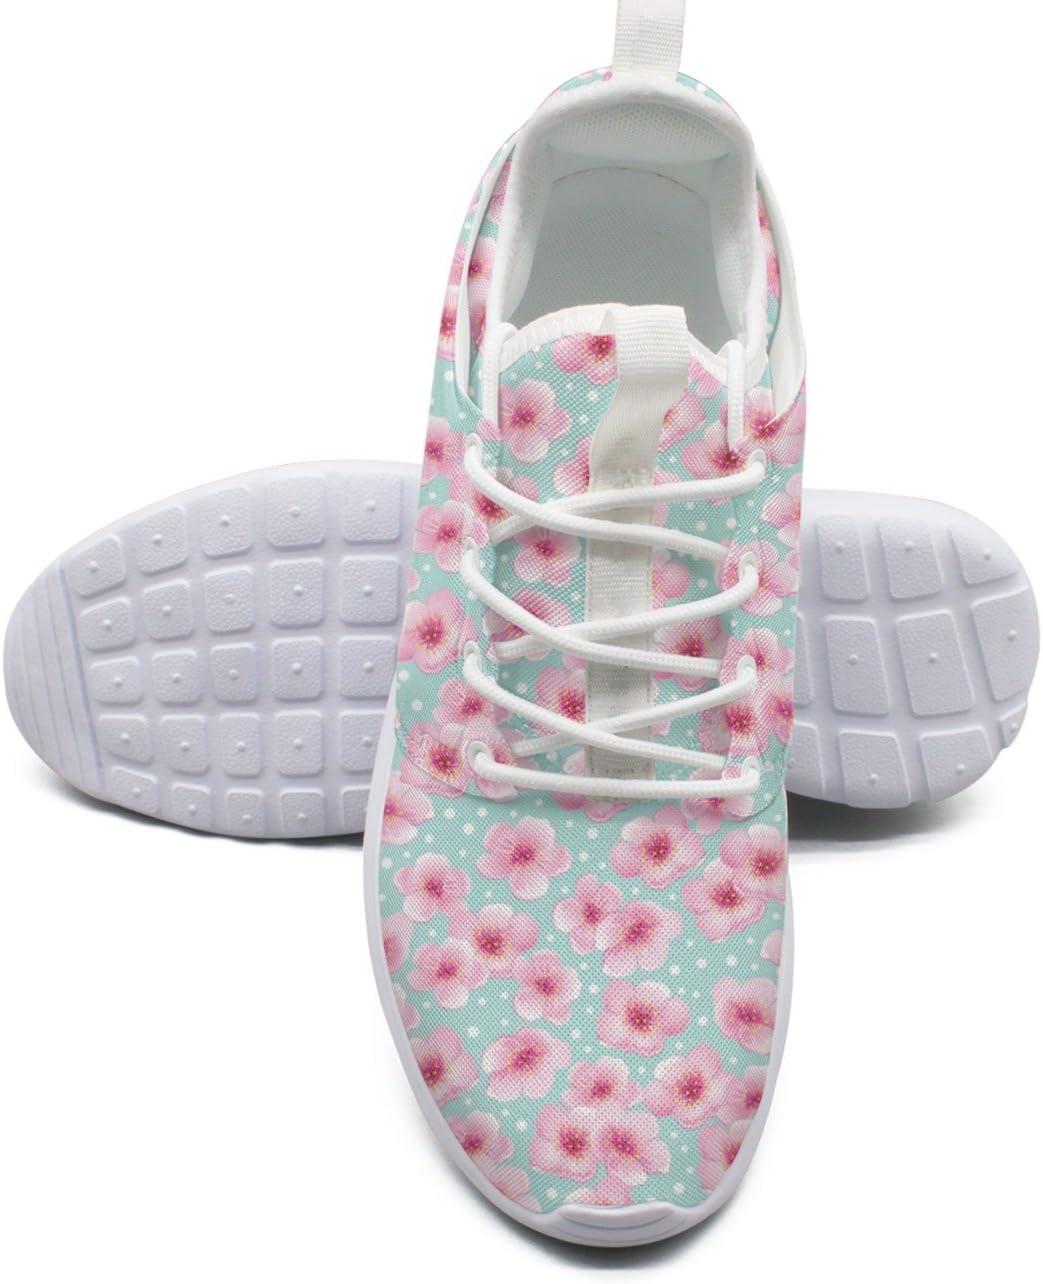 ERSER Zapatillas de correr para mujer con muelles pequeños y flor de cerezo de la marca: Amazon.es: Deportes y aire libre